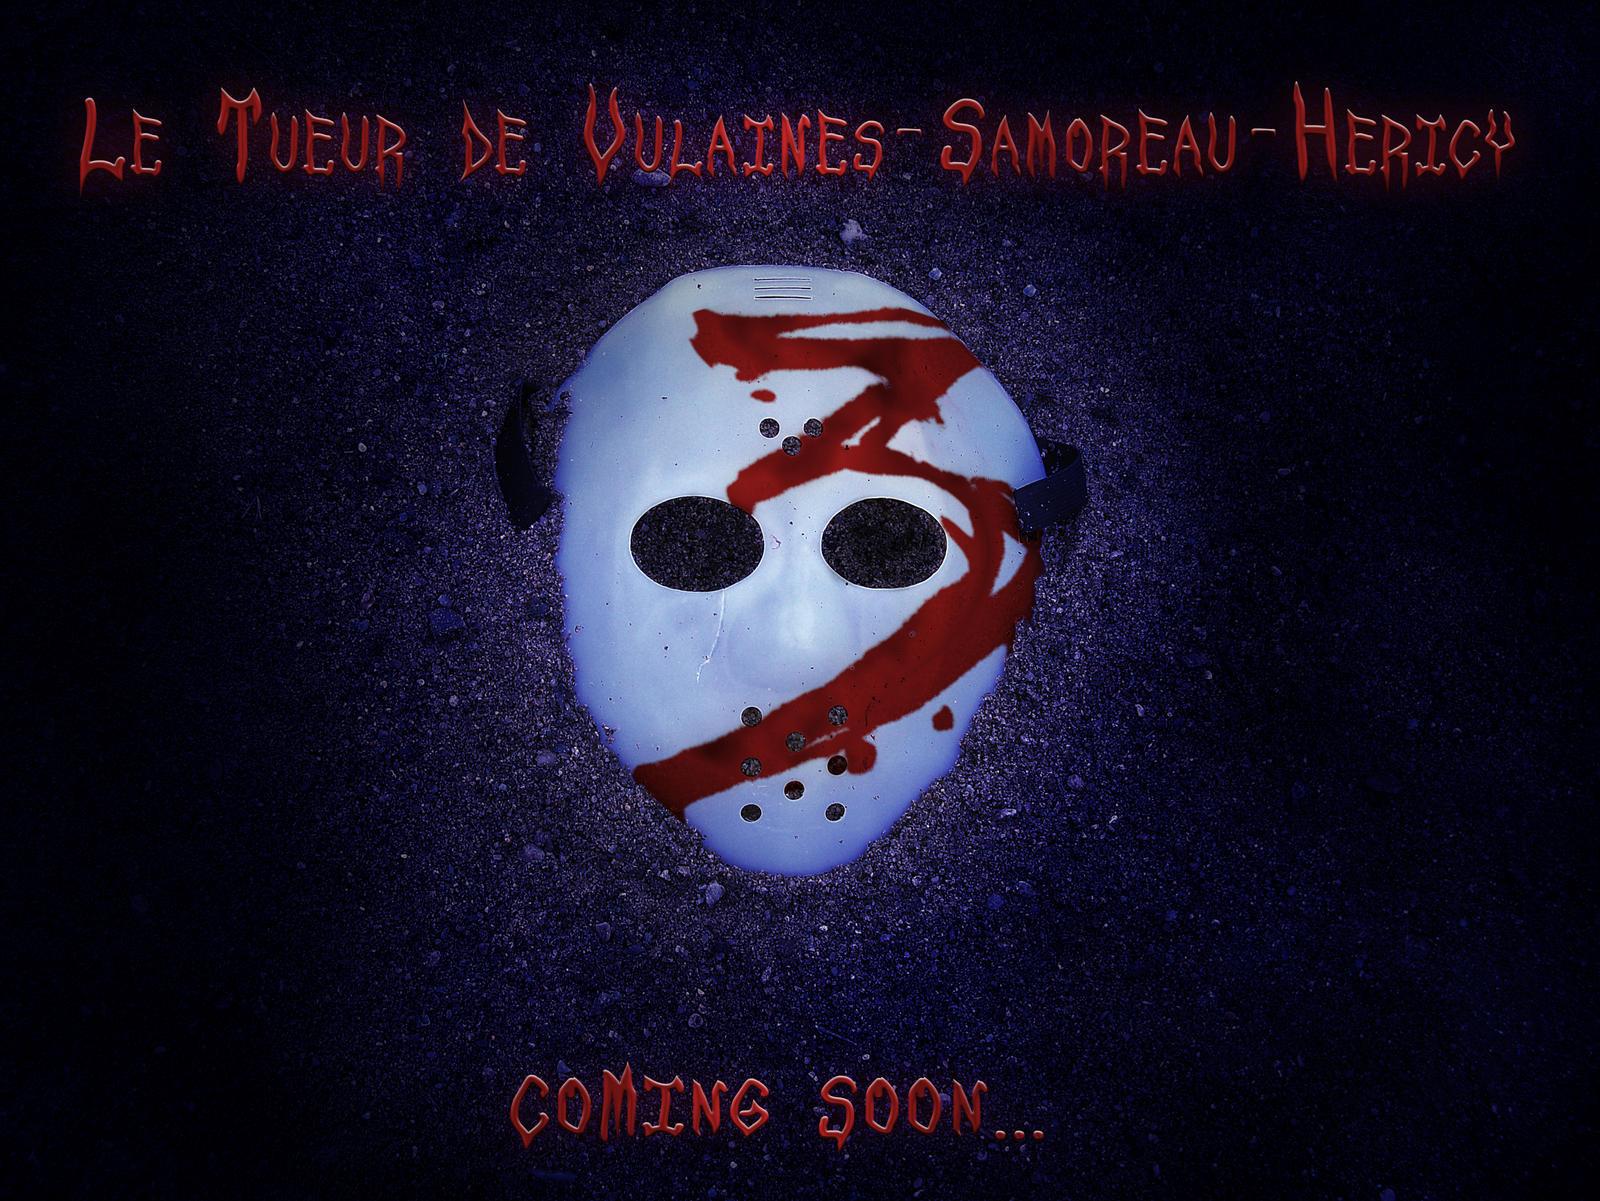 Tueur de Vulaines 3 Poster 1